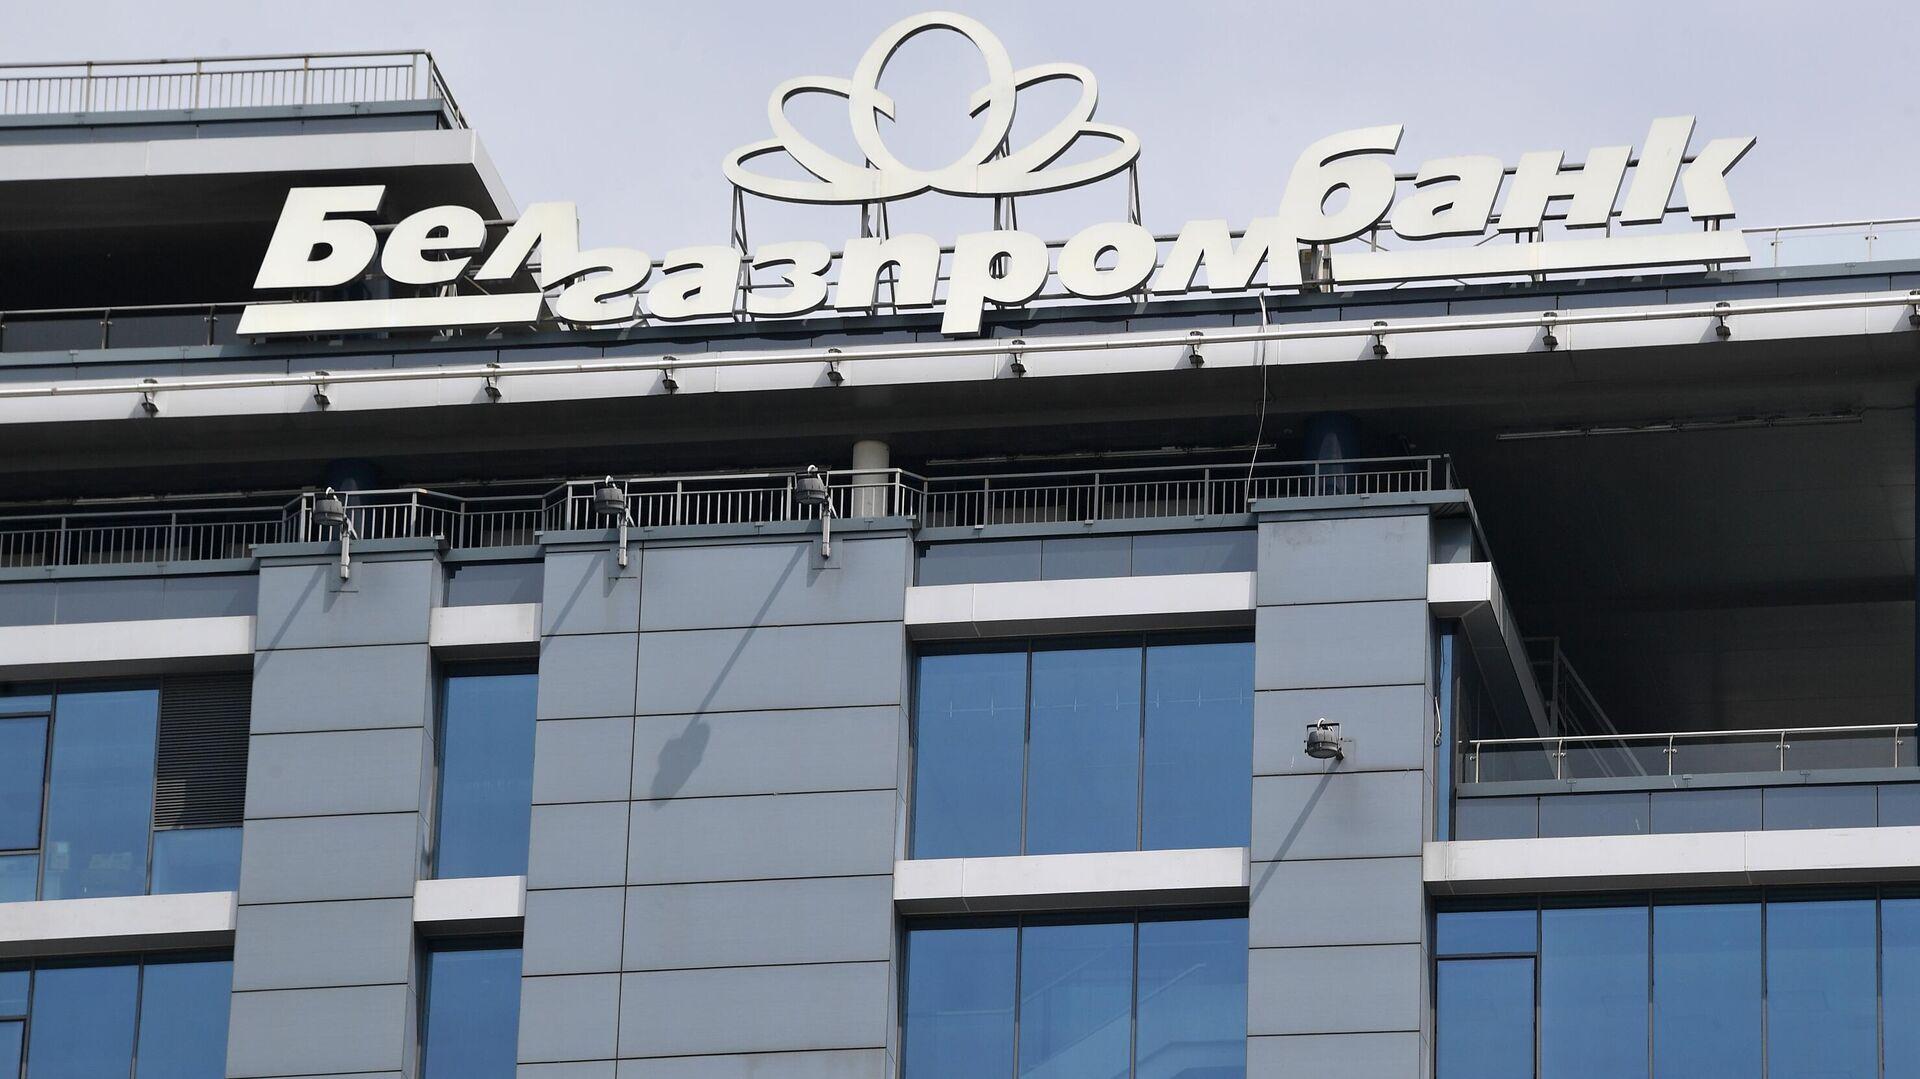 Вывеска на здании головного офиса Белгазпромбанка в Минске - РИА Новости, 1920, 21.01.2021